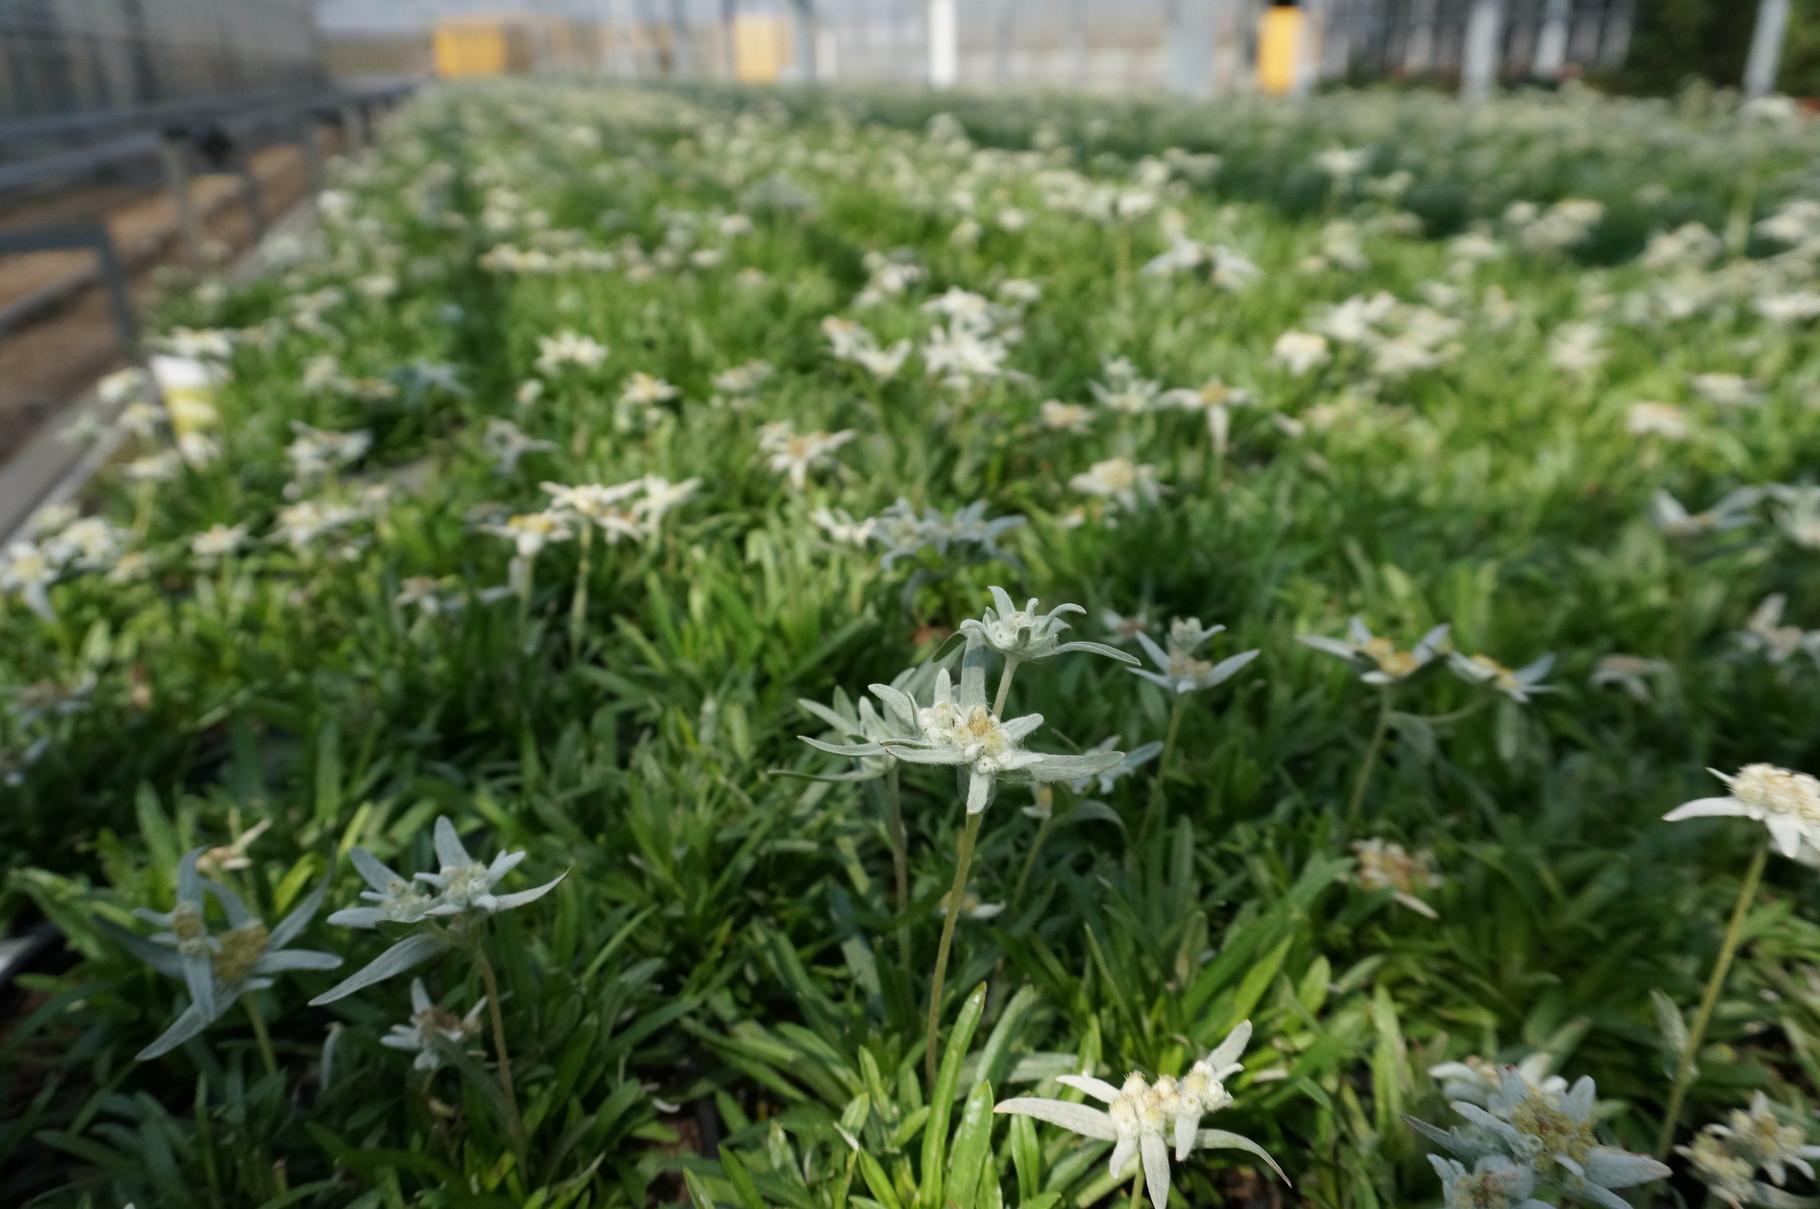 blumen und pflanzen für drinnen und draußen - gärtnerei klein blumen